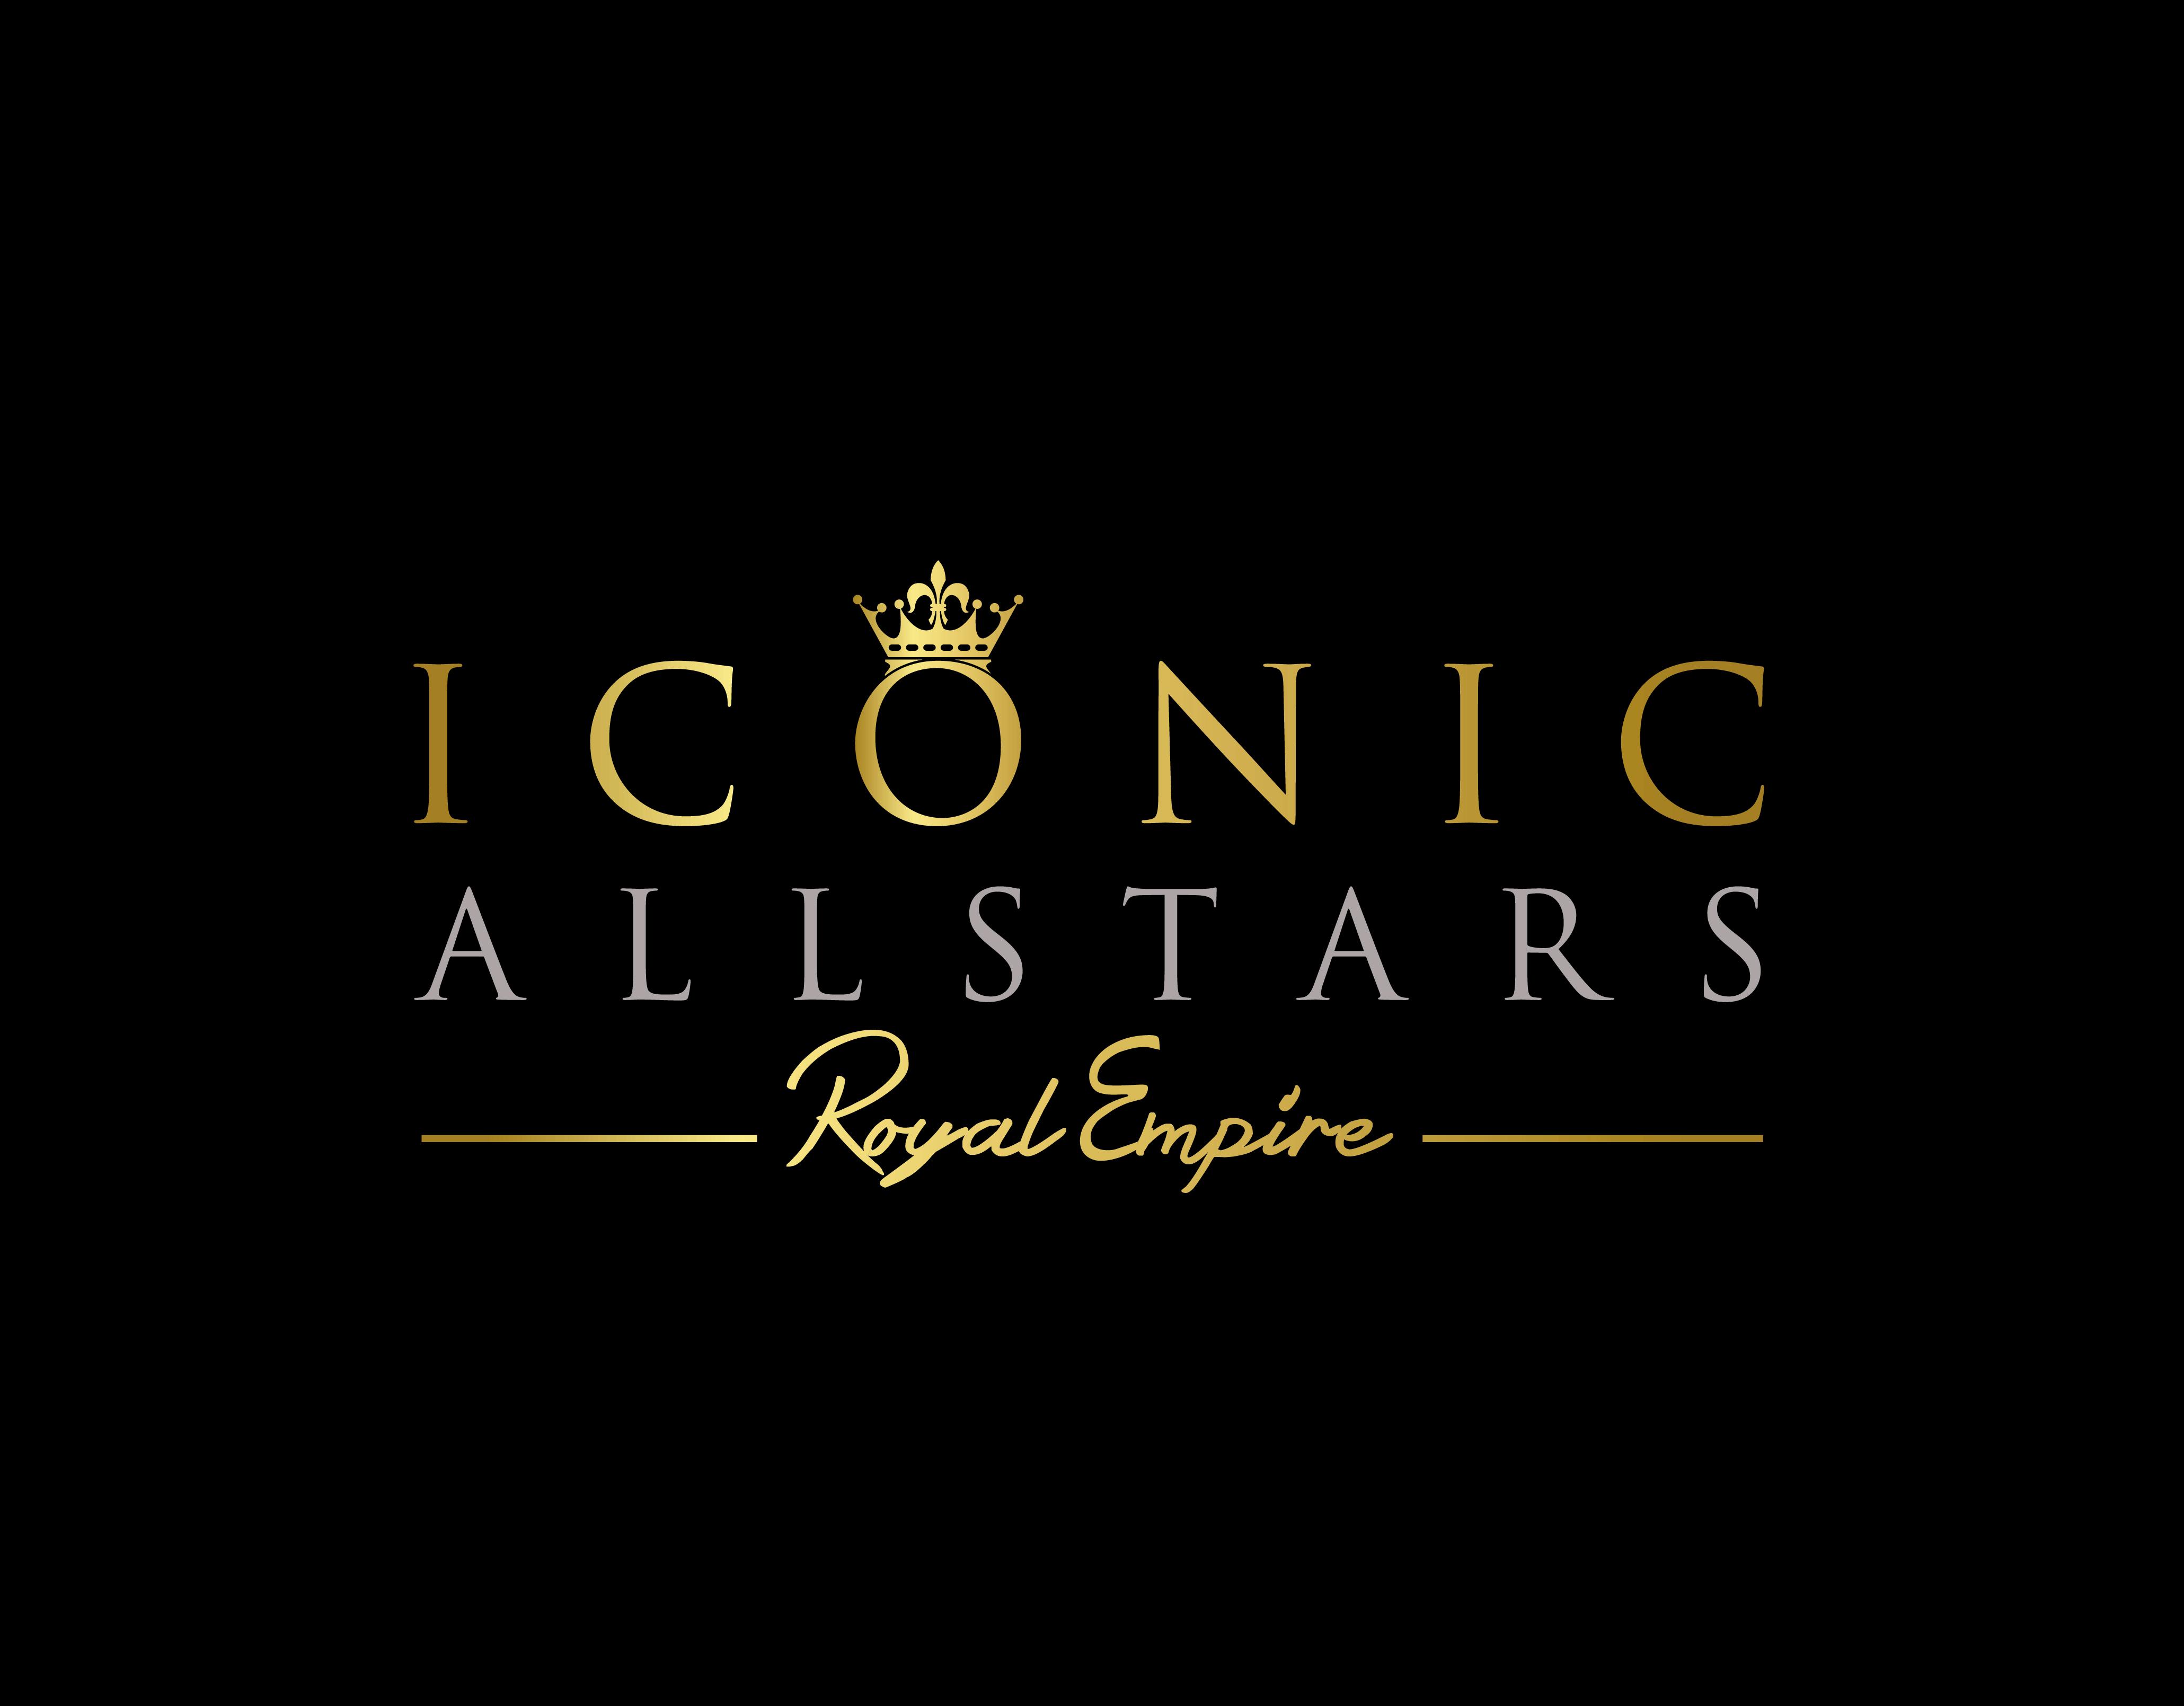 Iconic-Allstars-1-black-background-revised-1